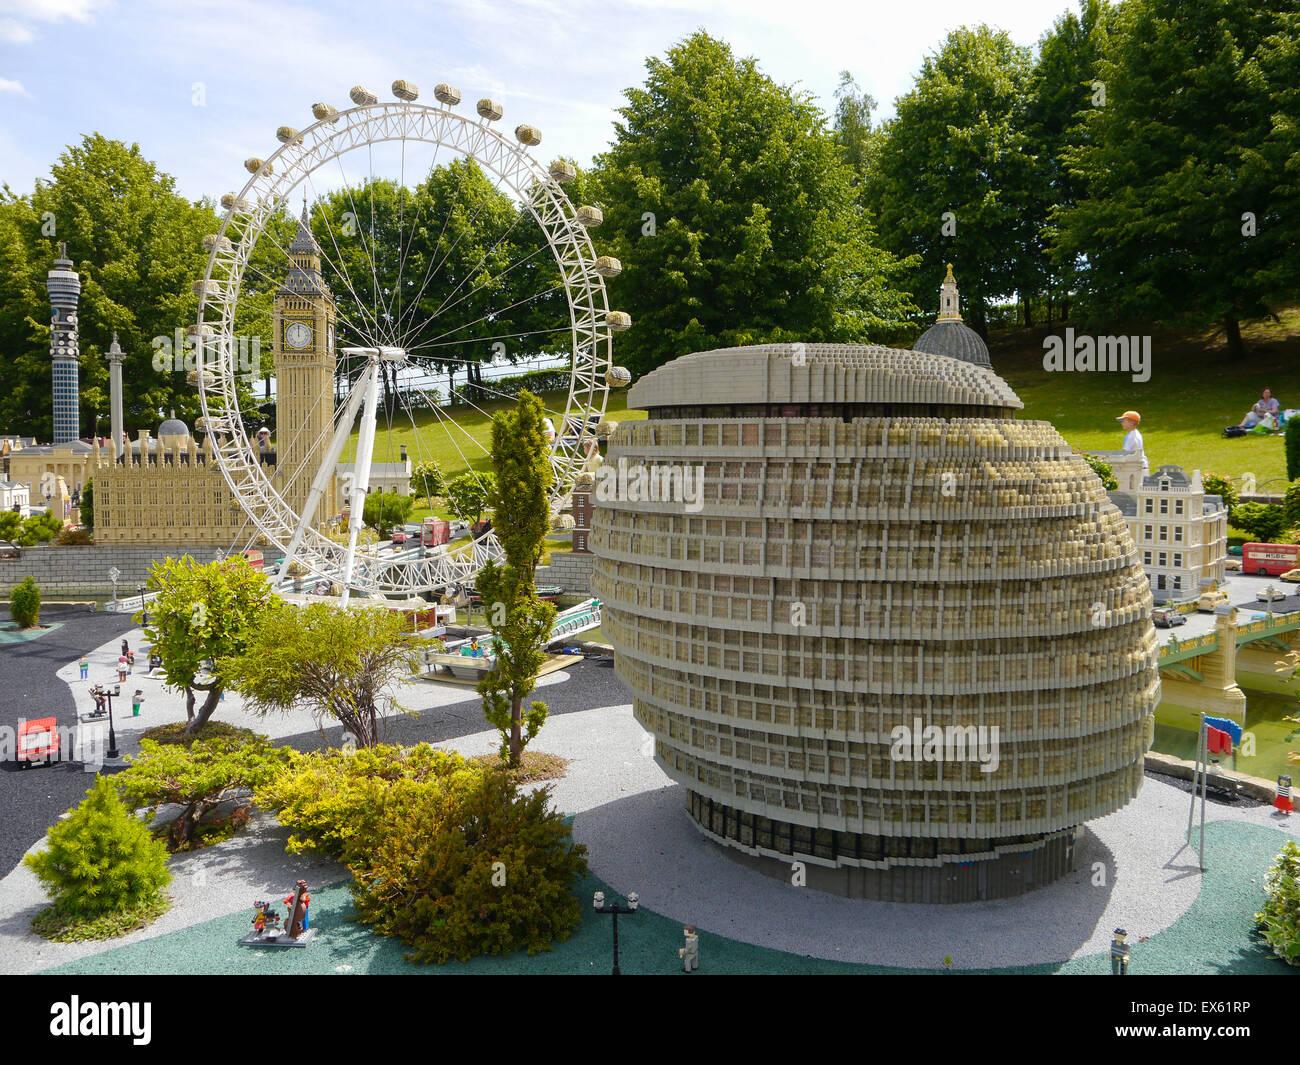 Lego models of the London skyline at Legoland resort Windsor, England - Stock Image